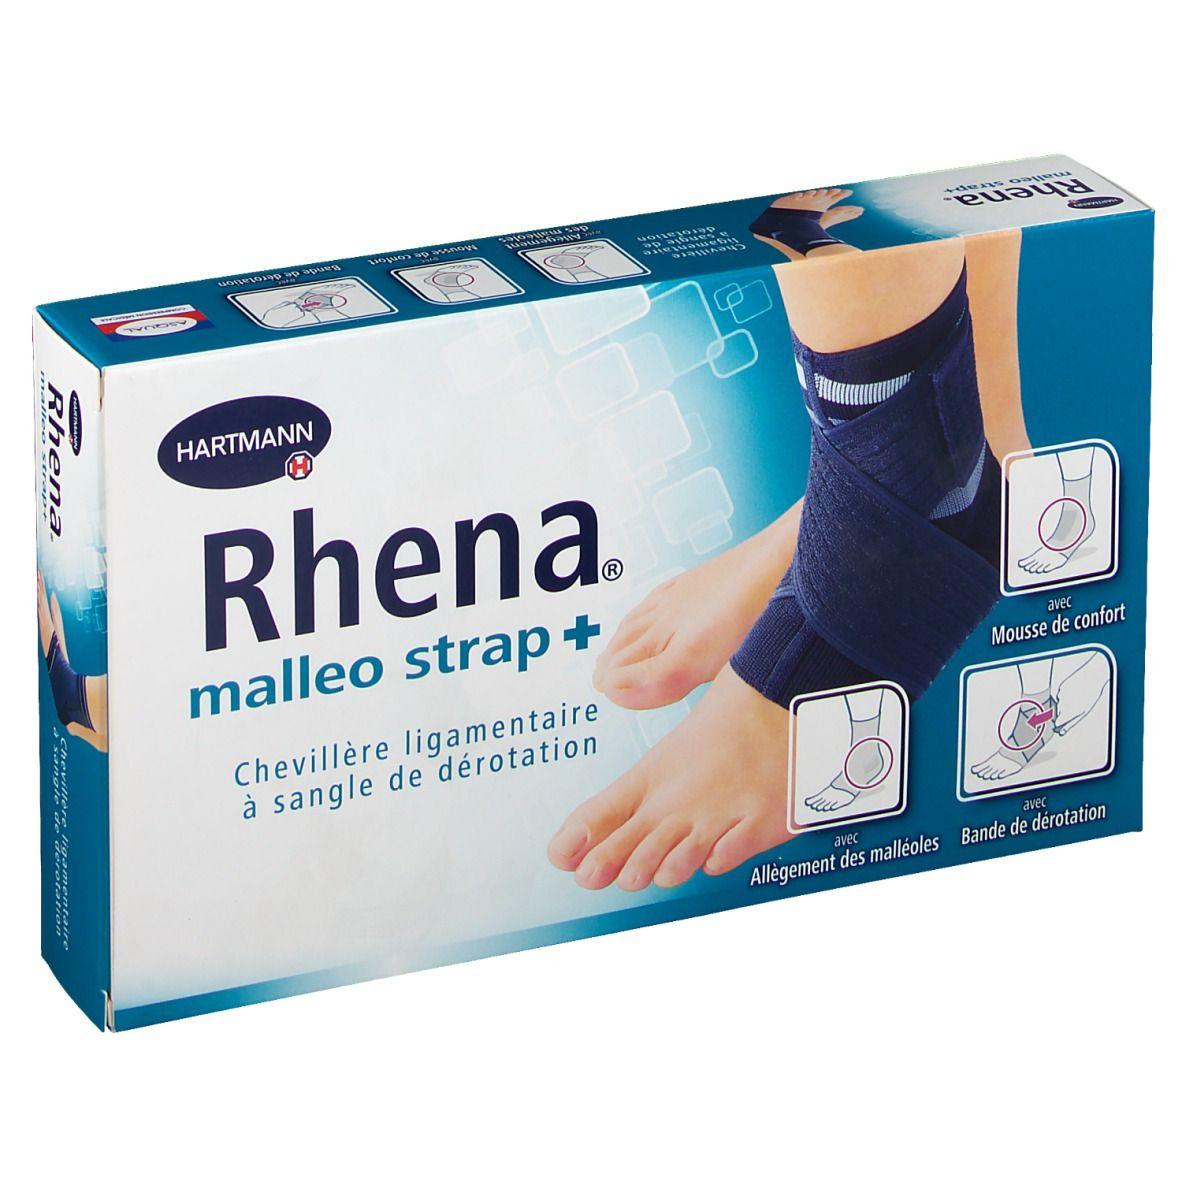 Rhena